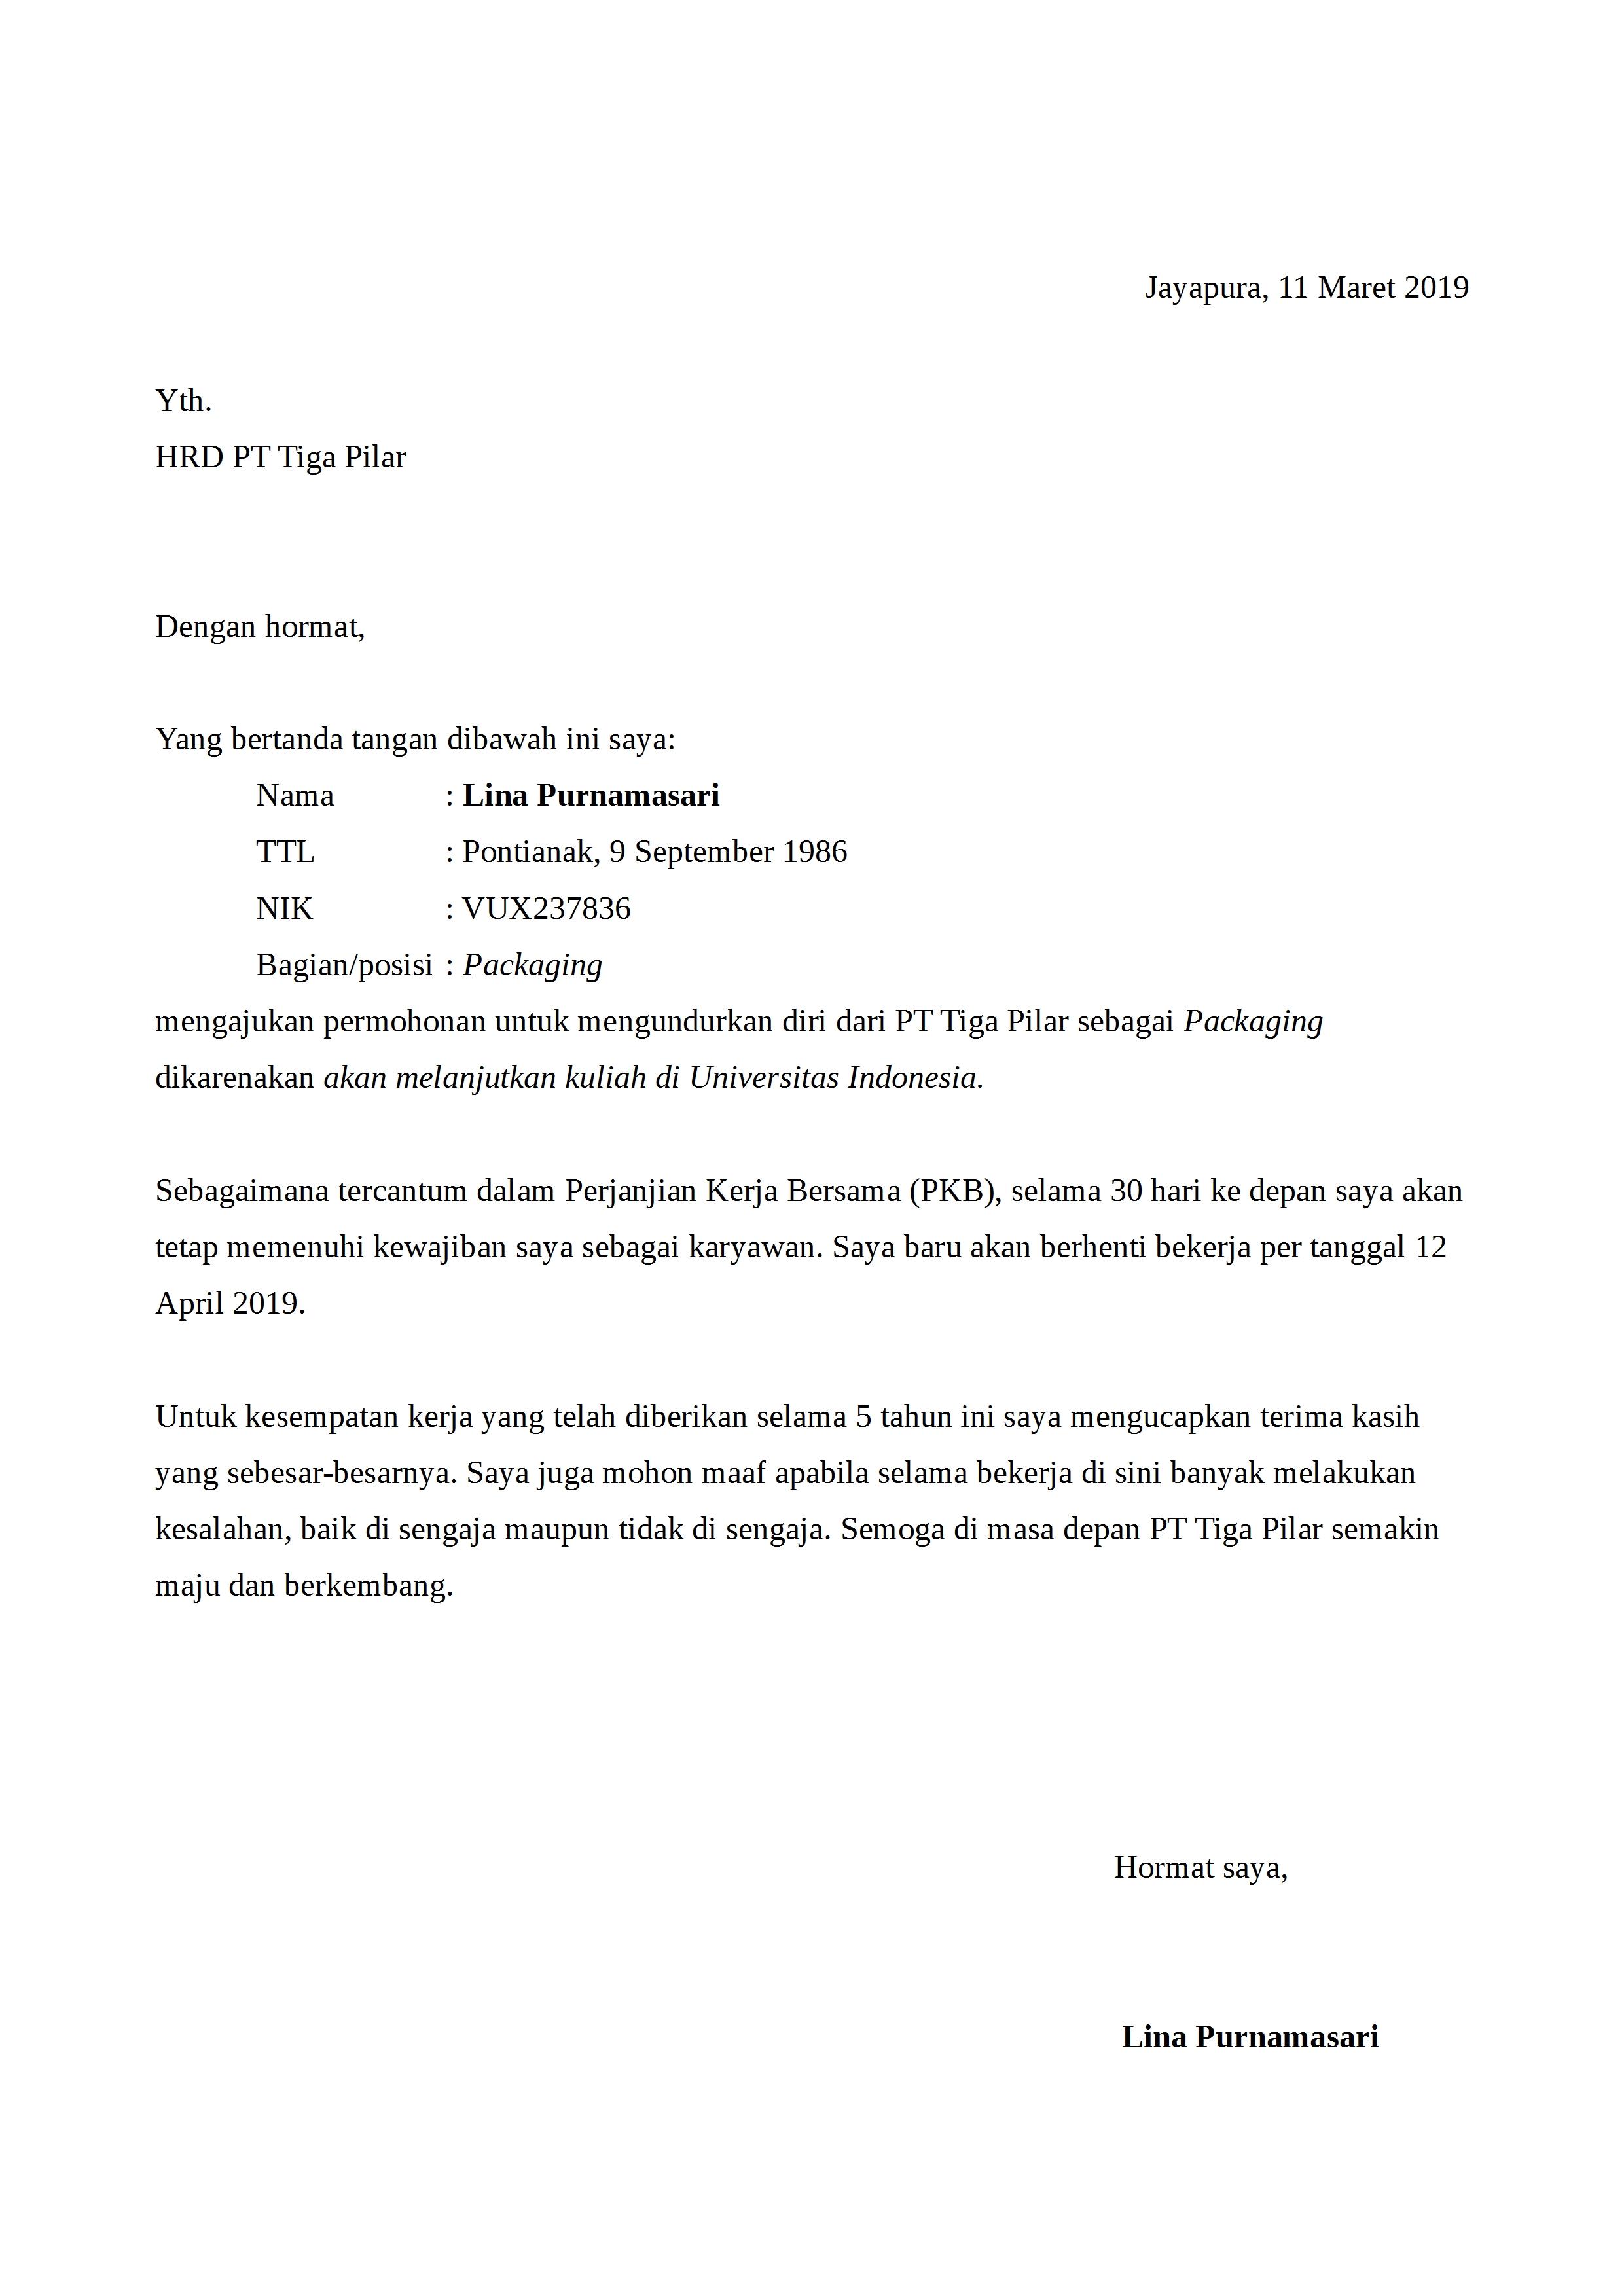 Contoh Surat Pengunduran Diri Dari Kuliah Dan Universitas